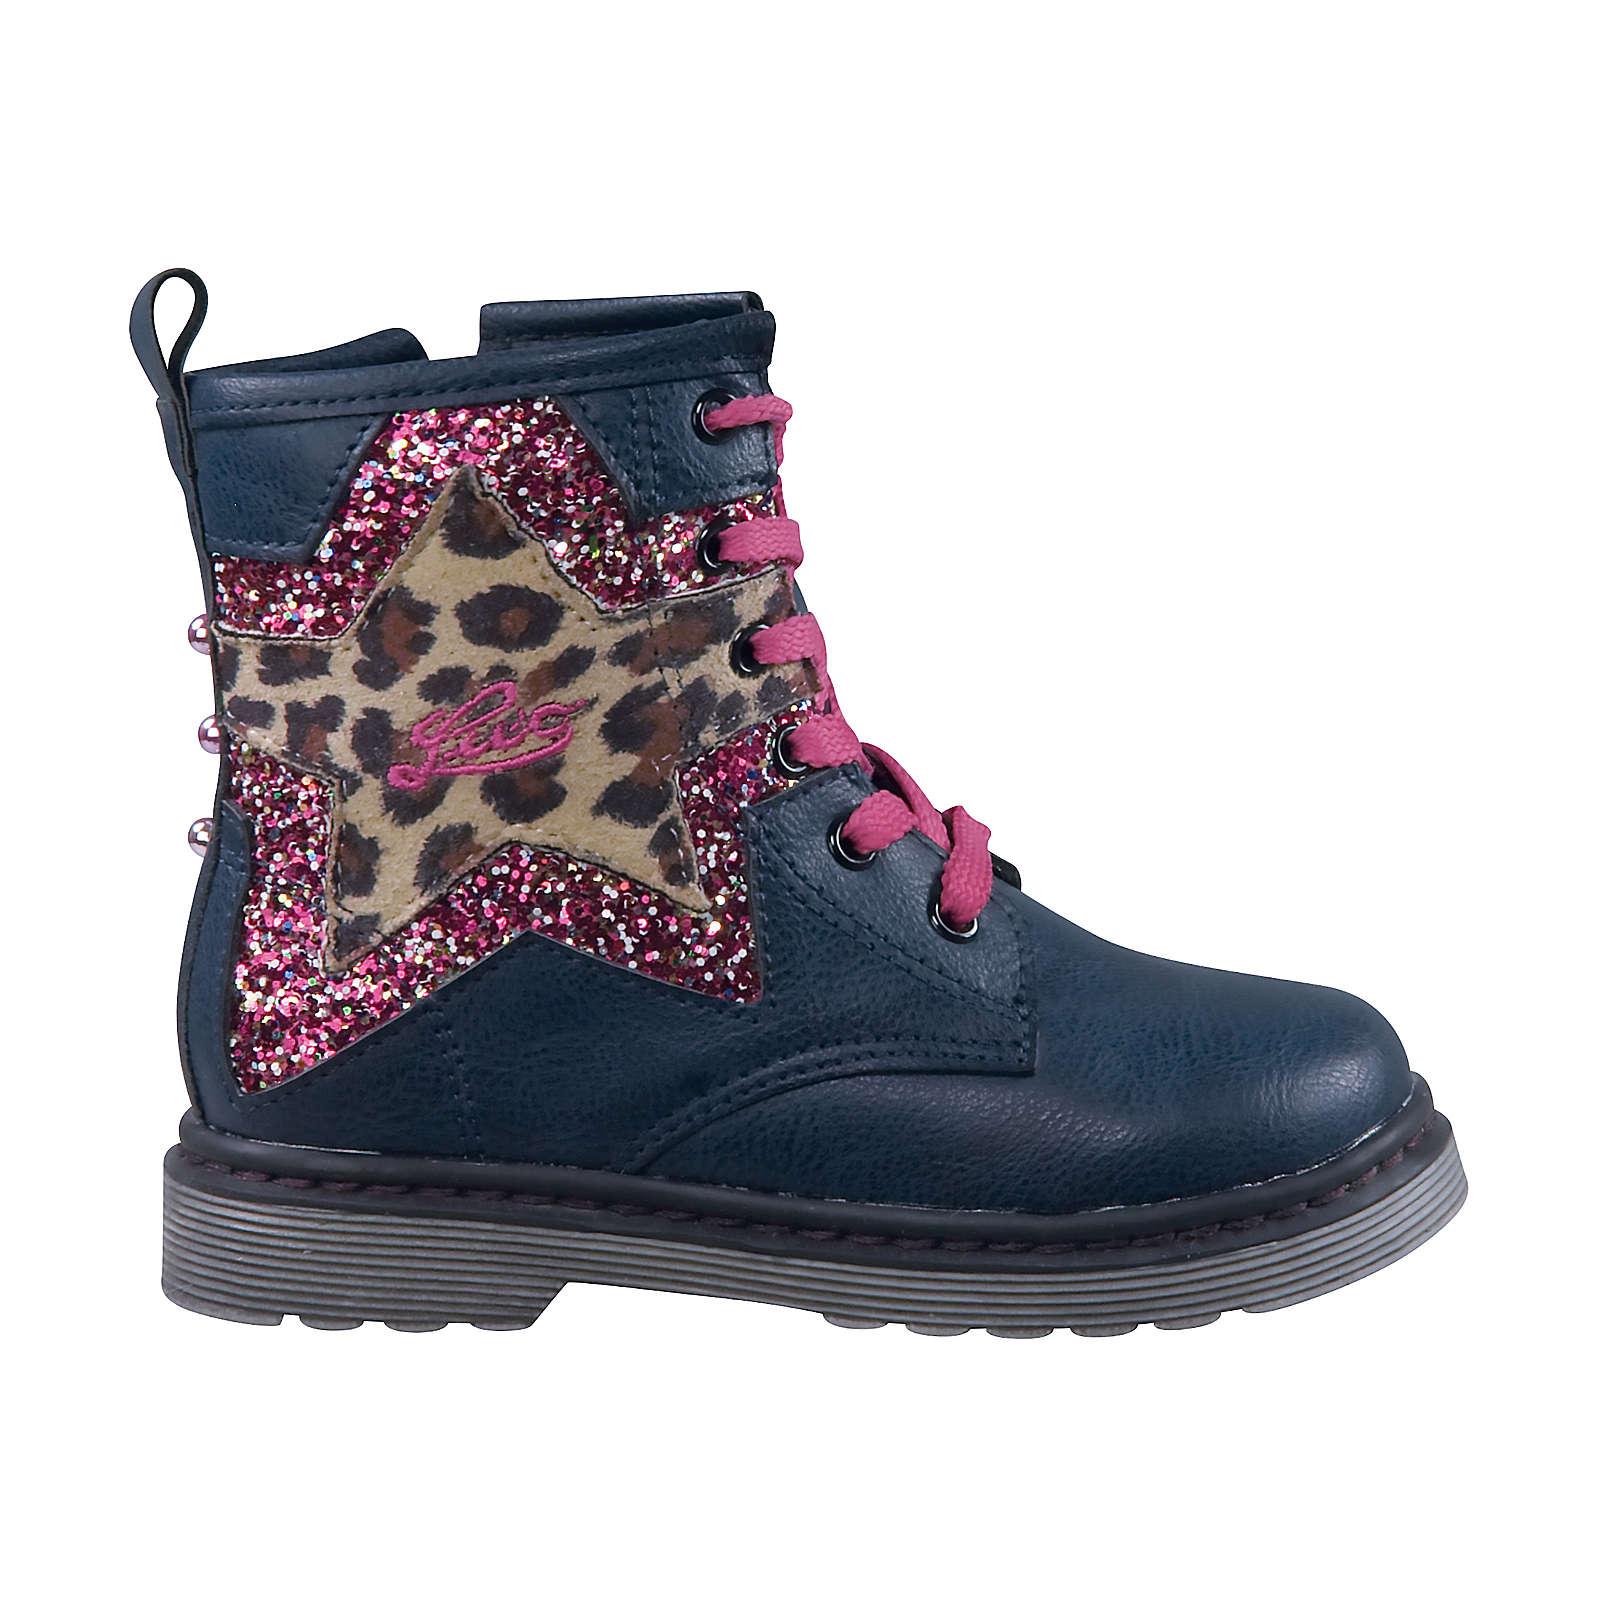 LICO Stiefel für Mädchen blau Mädchen Gr. 29